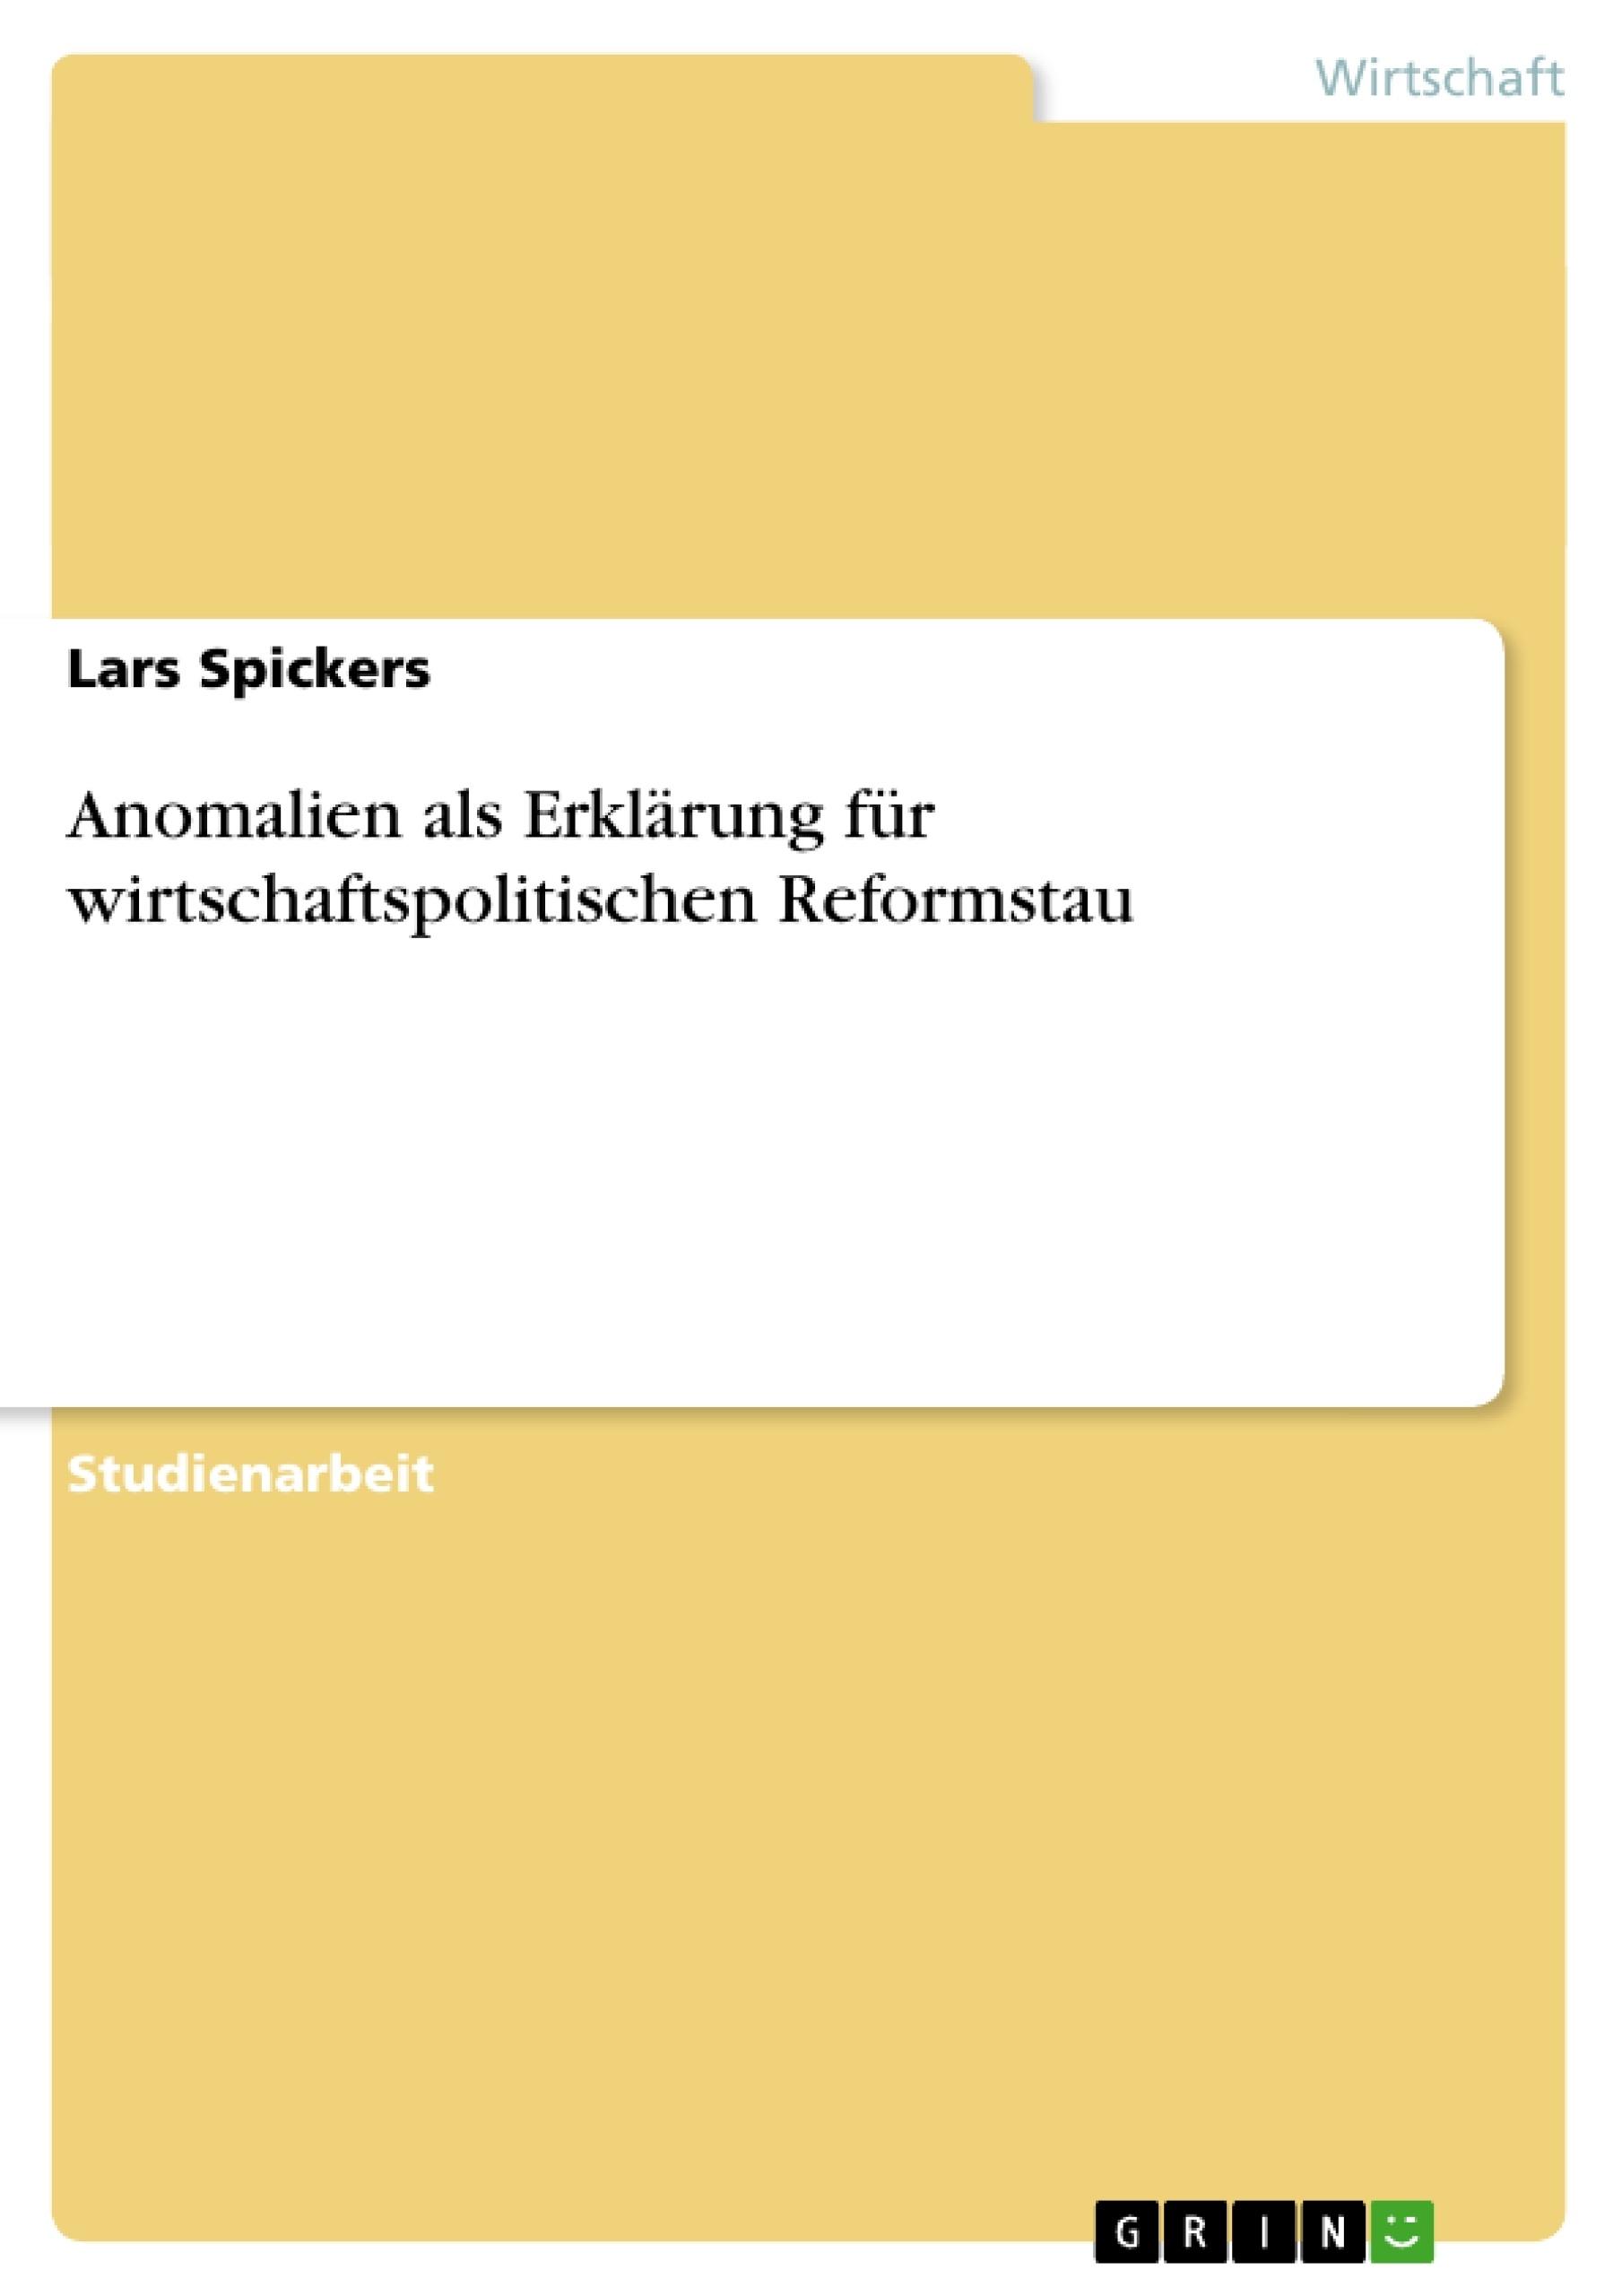 Titel: Anomalien als Erklärung für wirtschaftspolitischen Reformstau